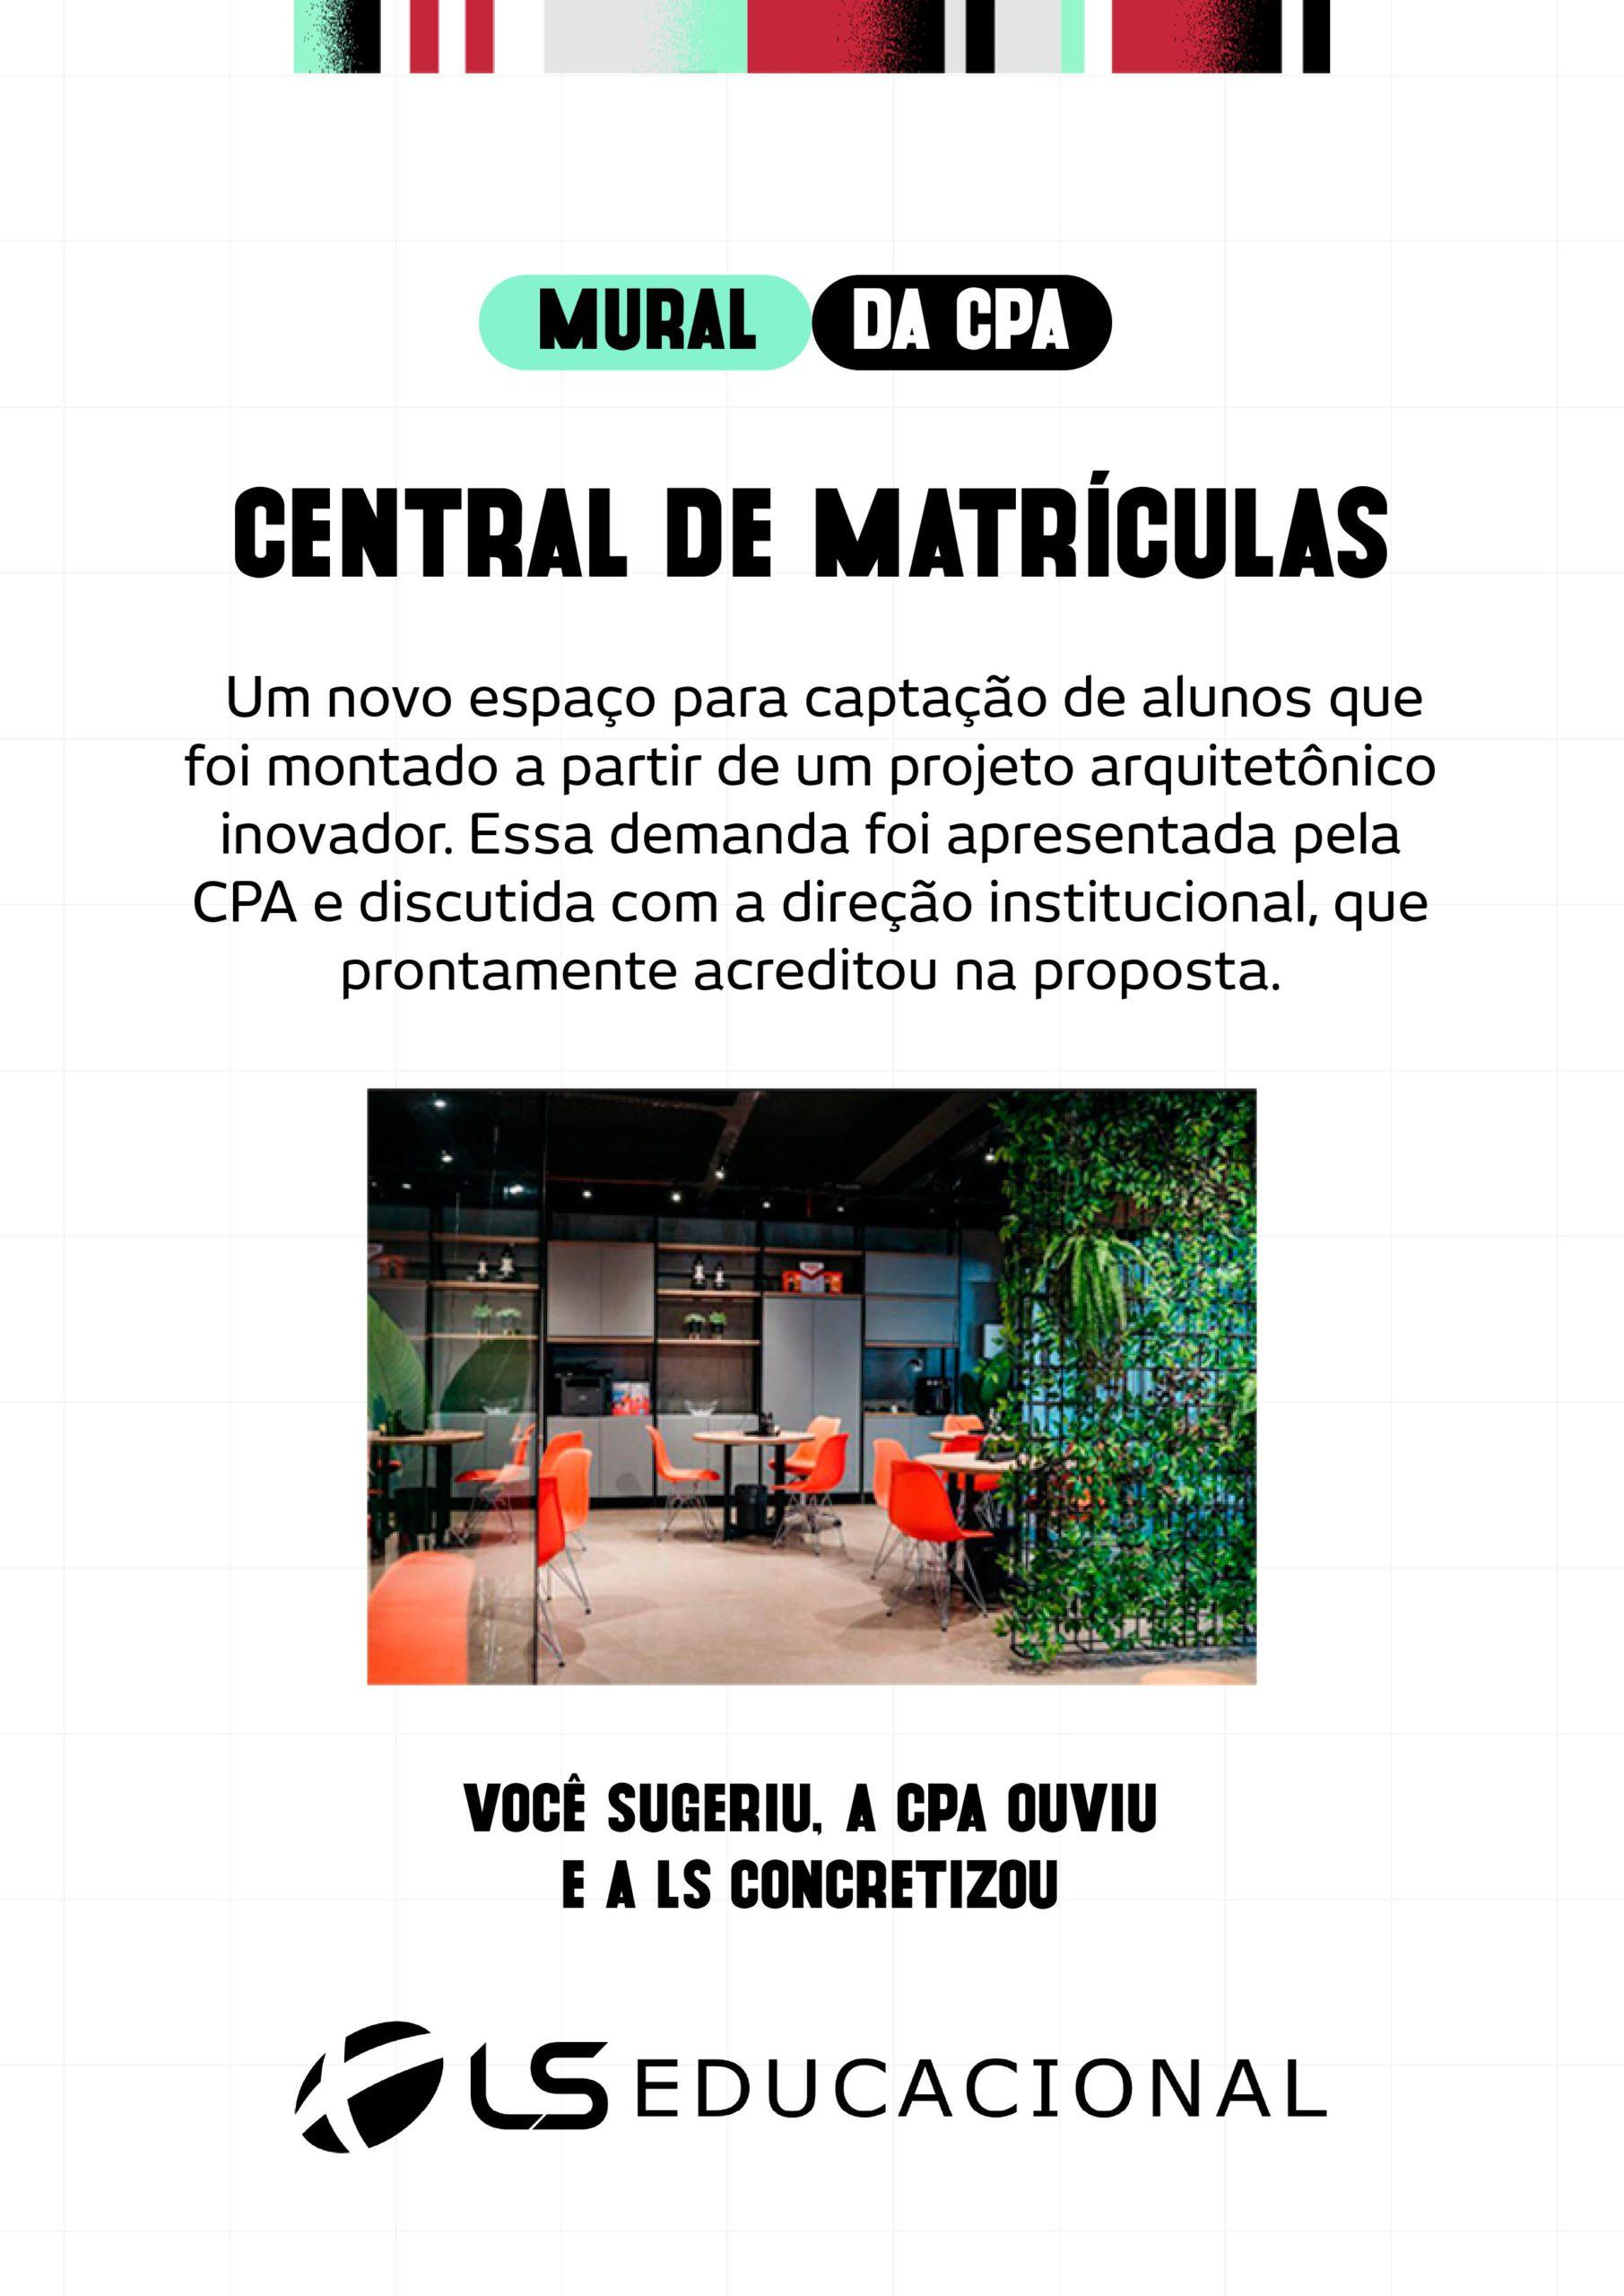 CENTRAL DE MATRÍCULAS